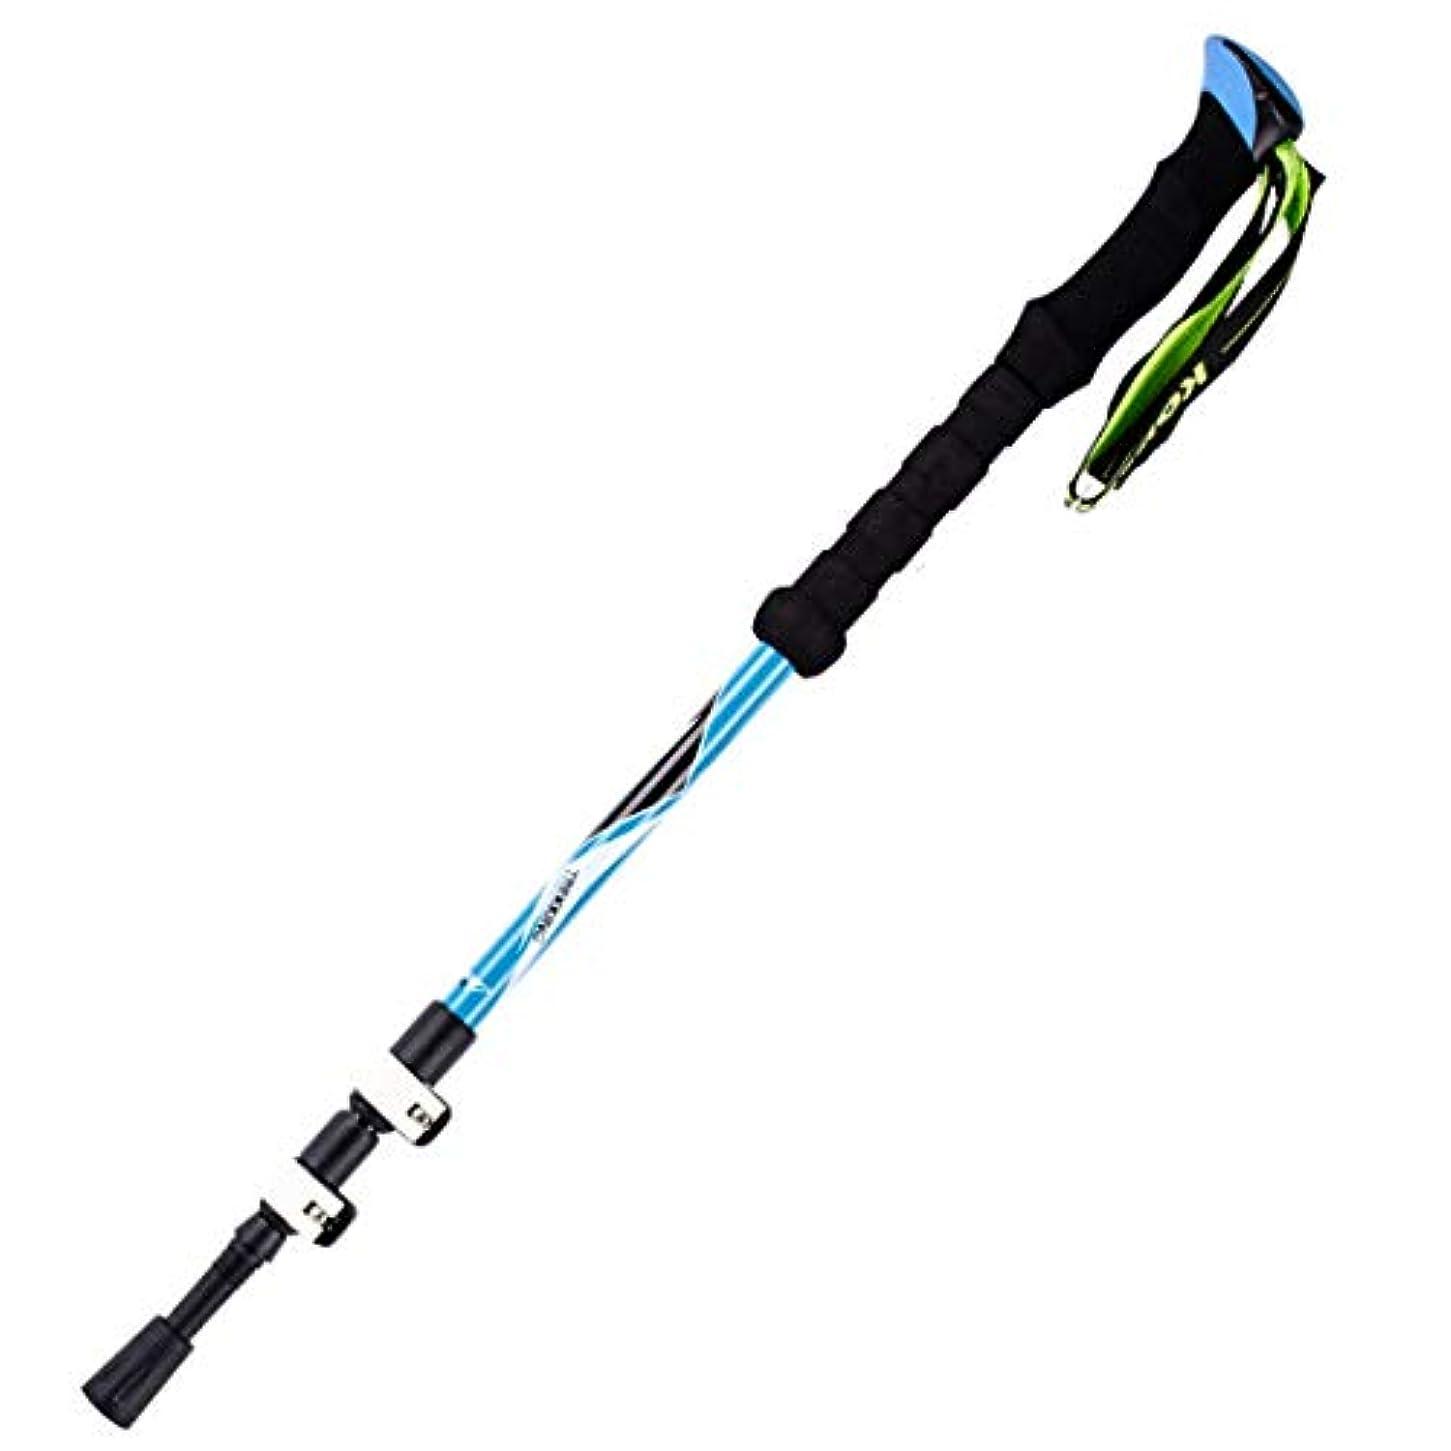 劣るスポーツをするうなずくYIJUPIN Alpenstocksロックカーボンファイバーフォールディング3セクションテレスコピックウォーキングスティックウォーキングアウトドアスポーツマンのための超軽量ストレートウォーキングスティック (色 : 青, サイズ : 135cm)